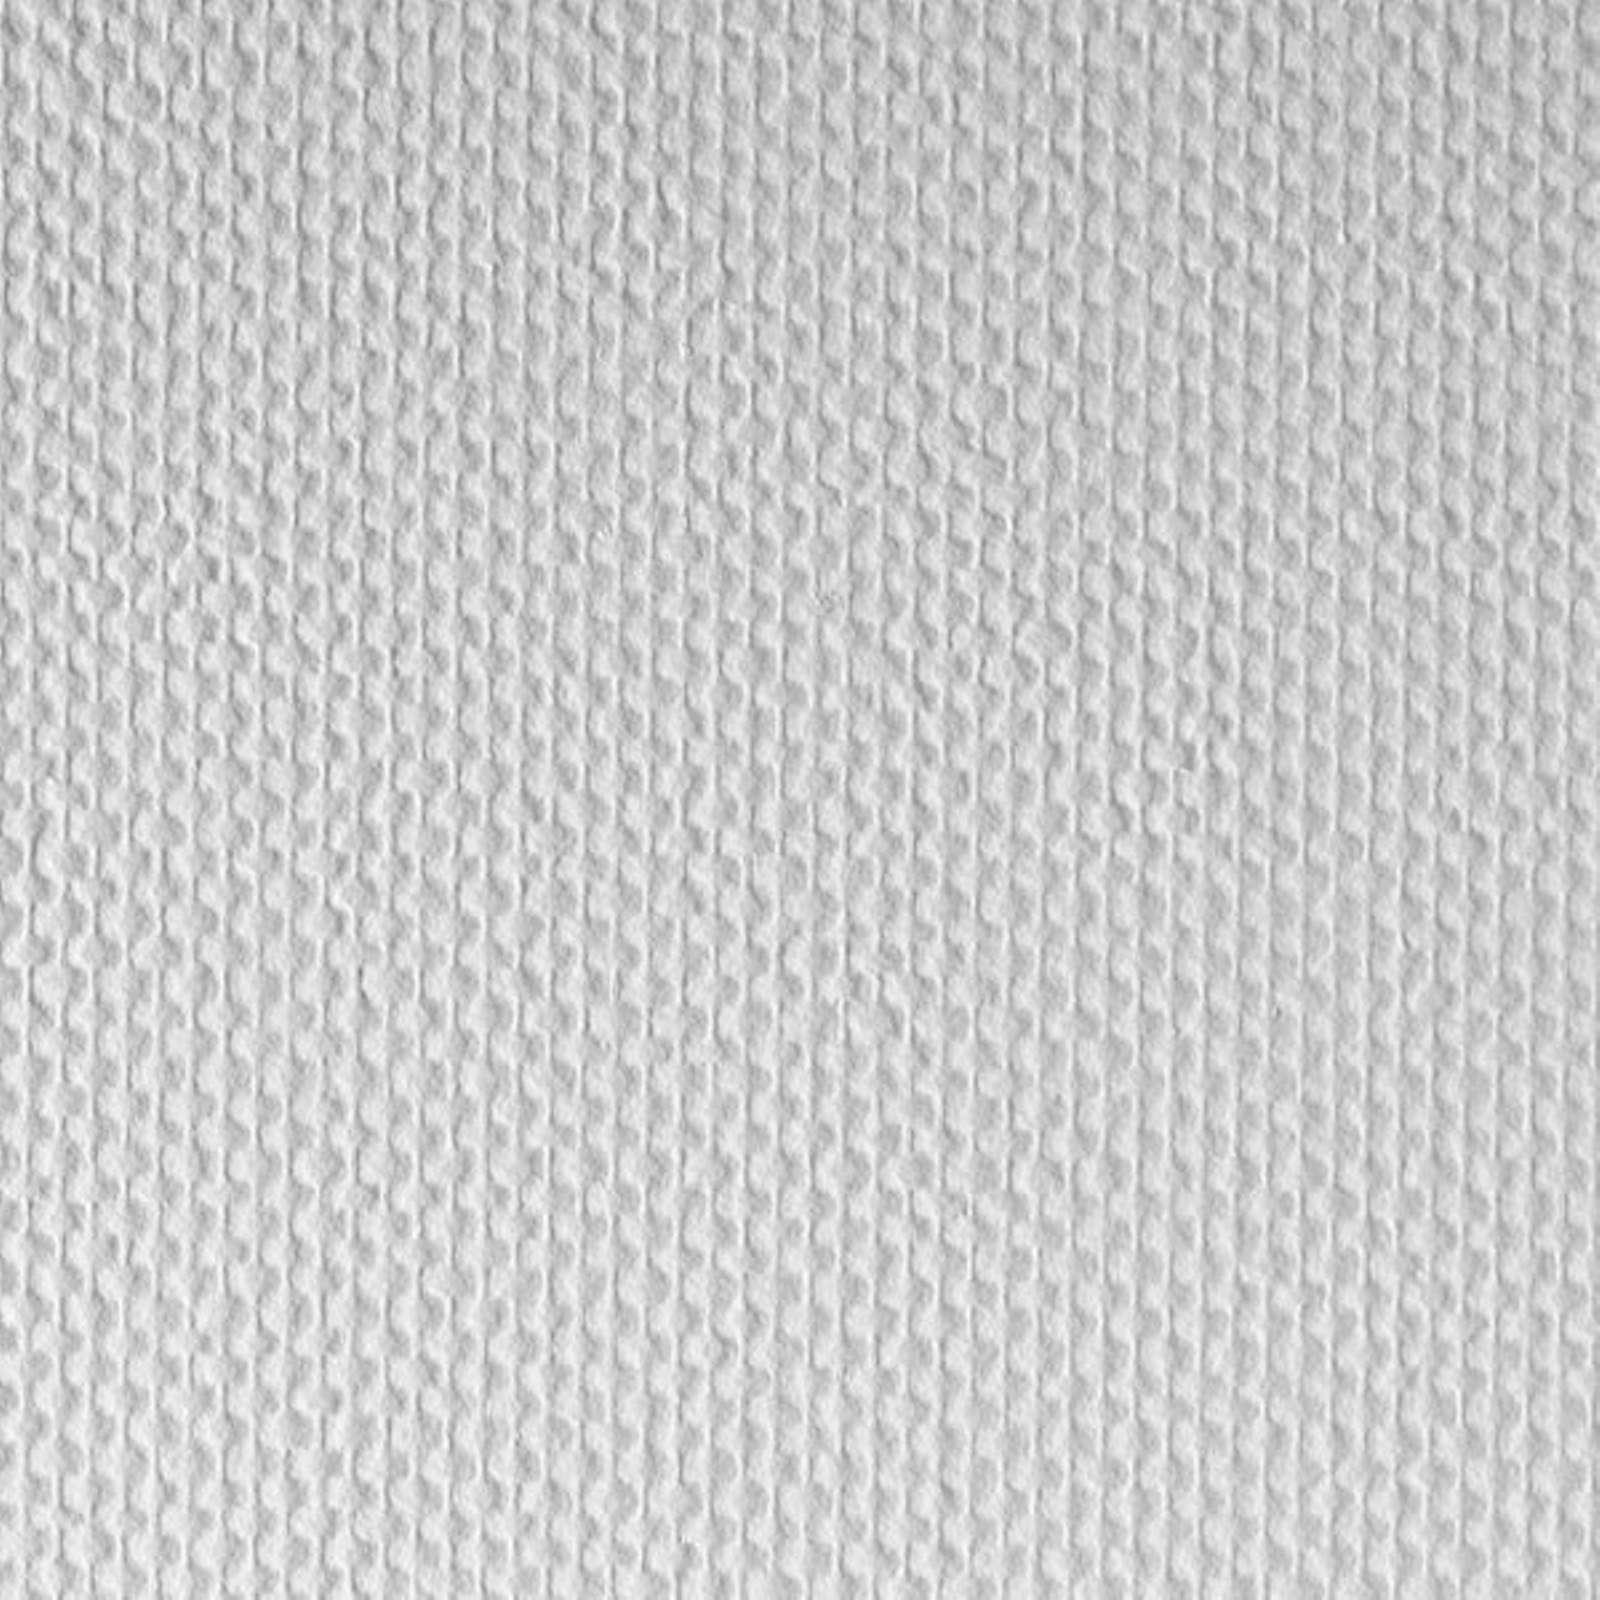 Стеклообои Wellton Сlassika Рогожка крупная WEL181